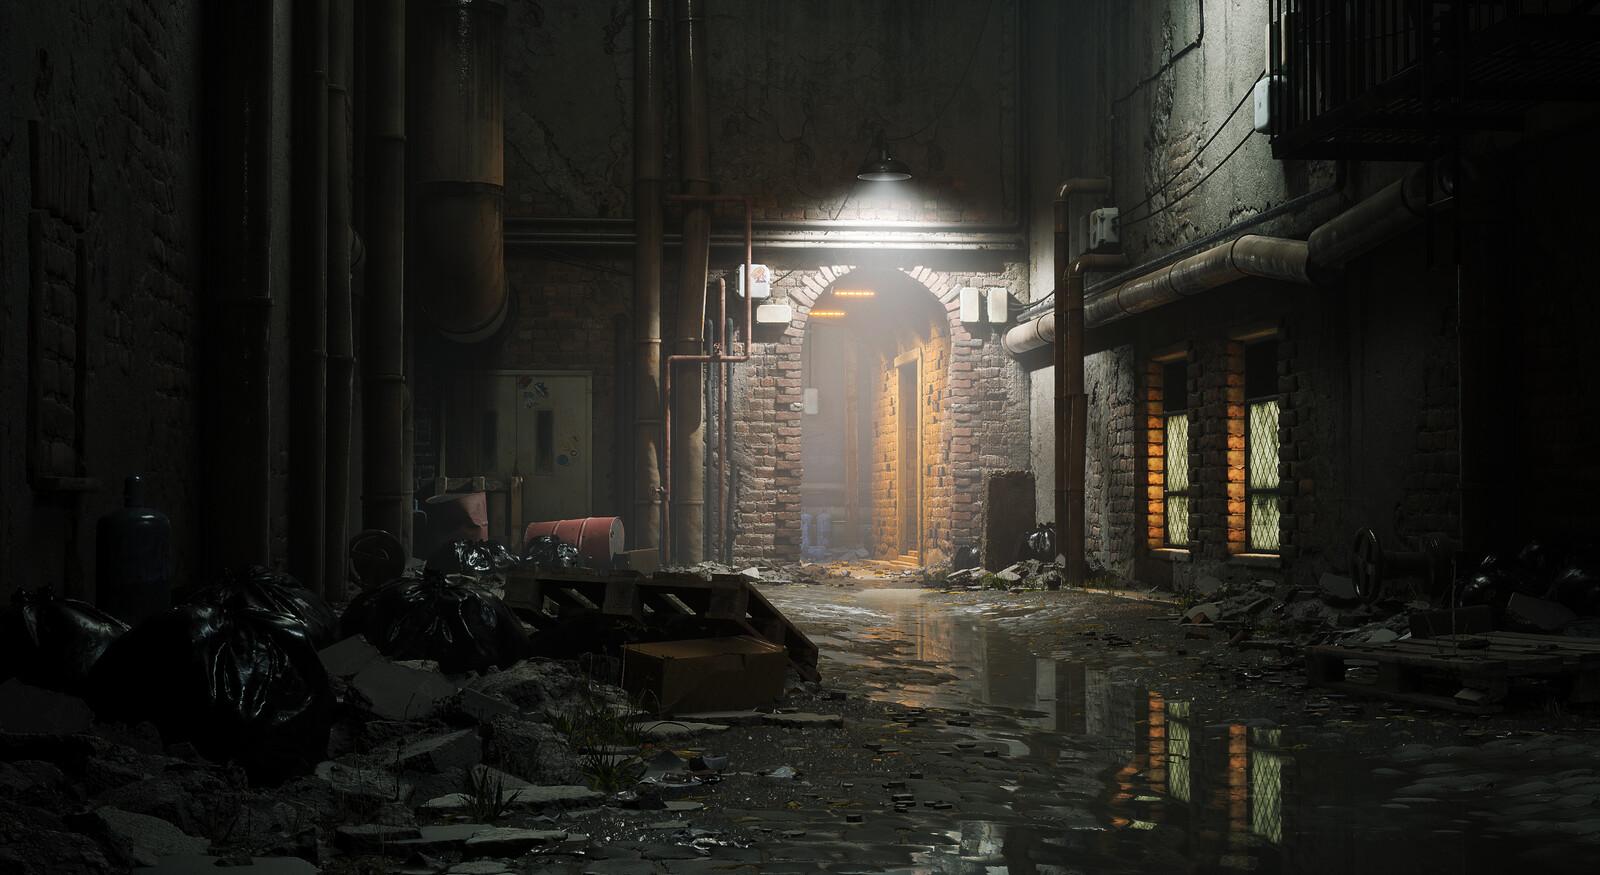 Abandoned Alleyway (Unreal)